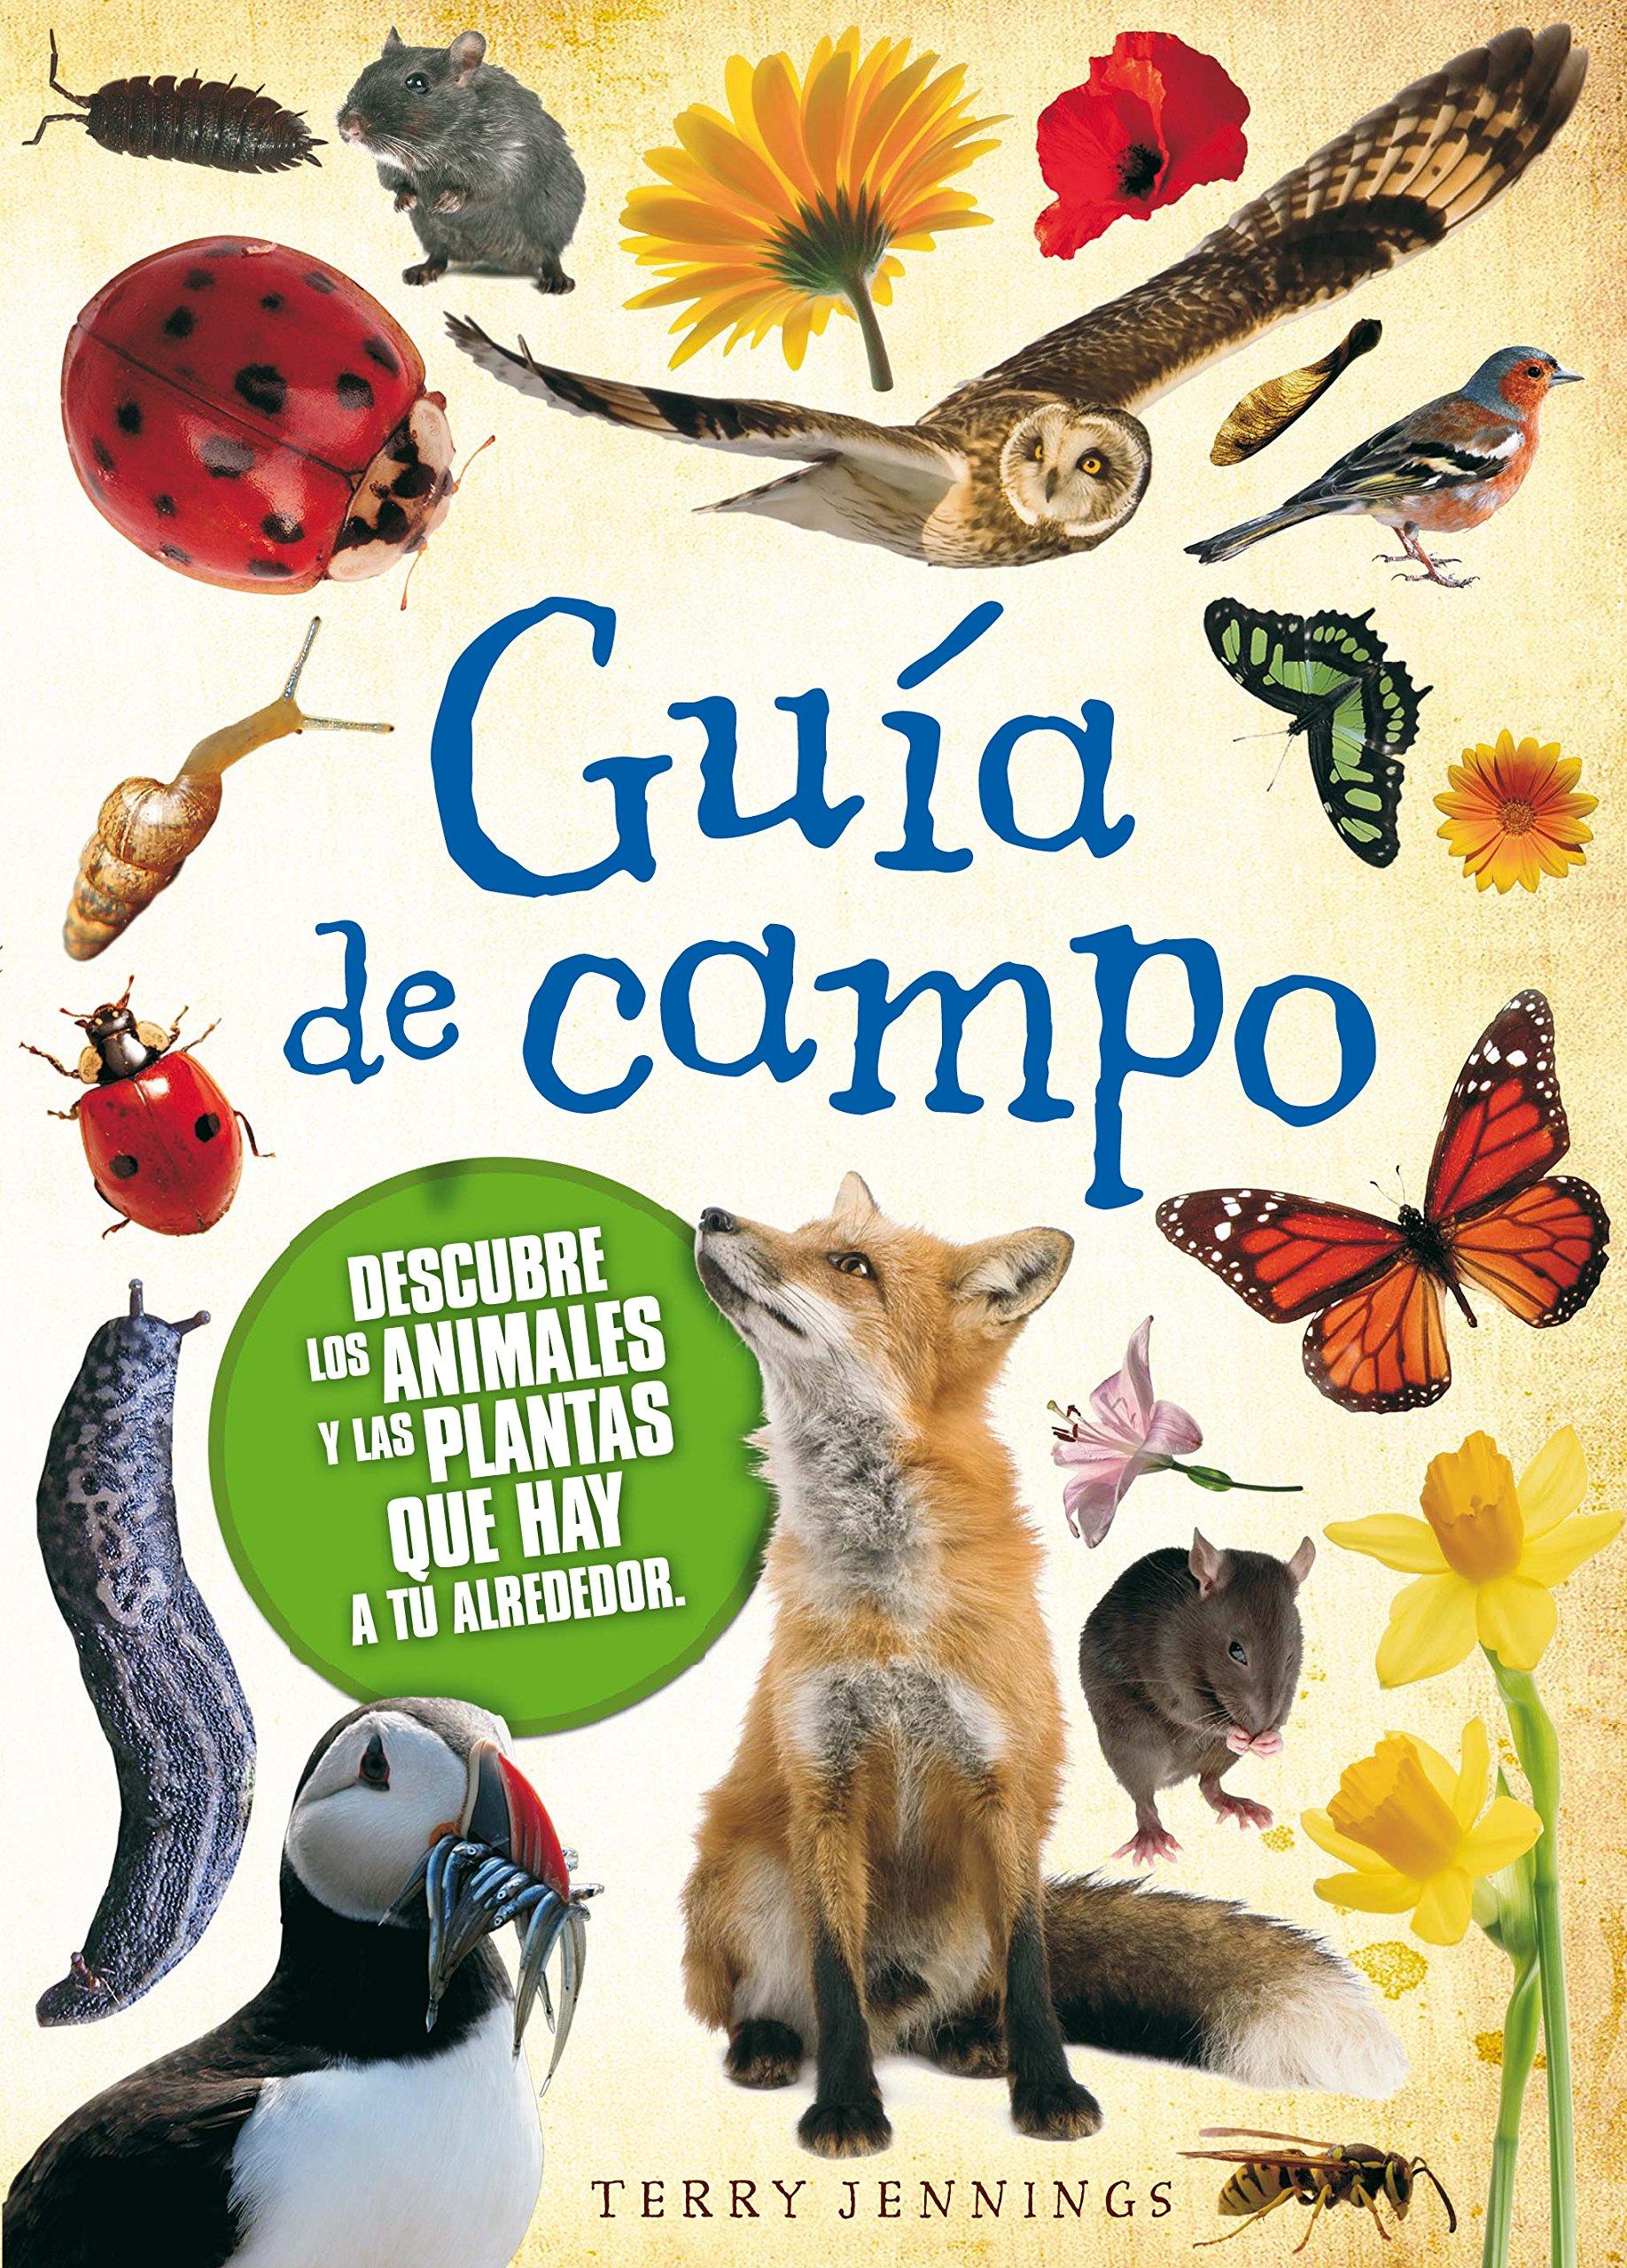 Guía de campo (Enciclopedias) Tapa blanda – 16 may 2013 Terry Jennings Irene Garrido Mayas SM 8467559934